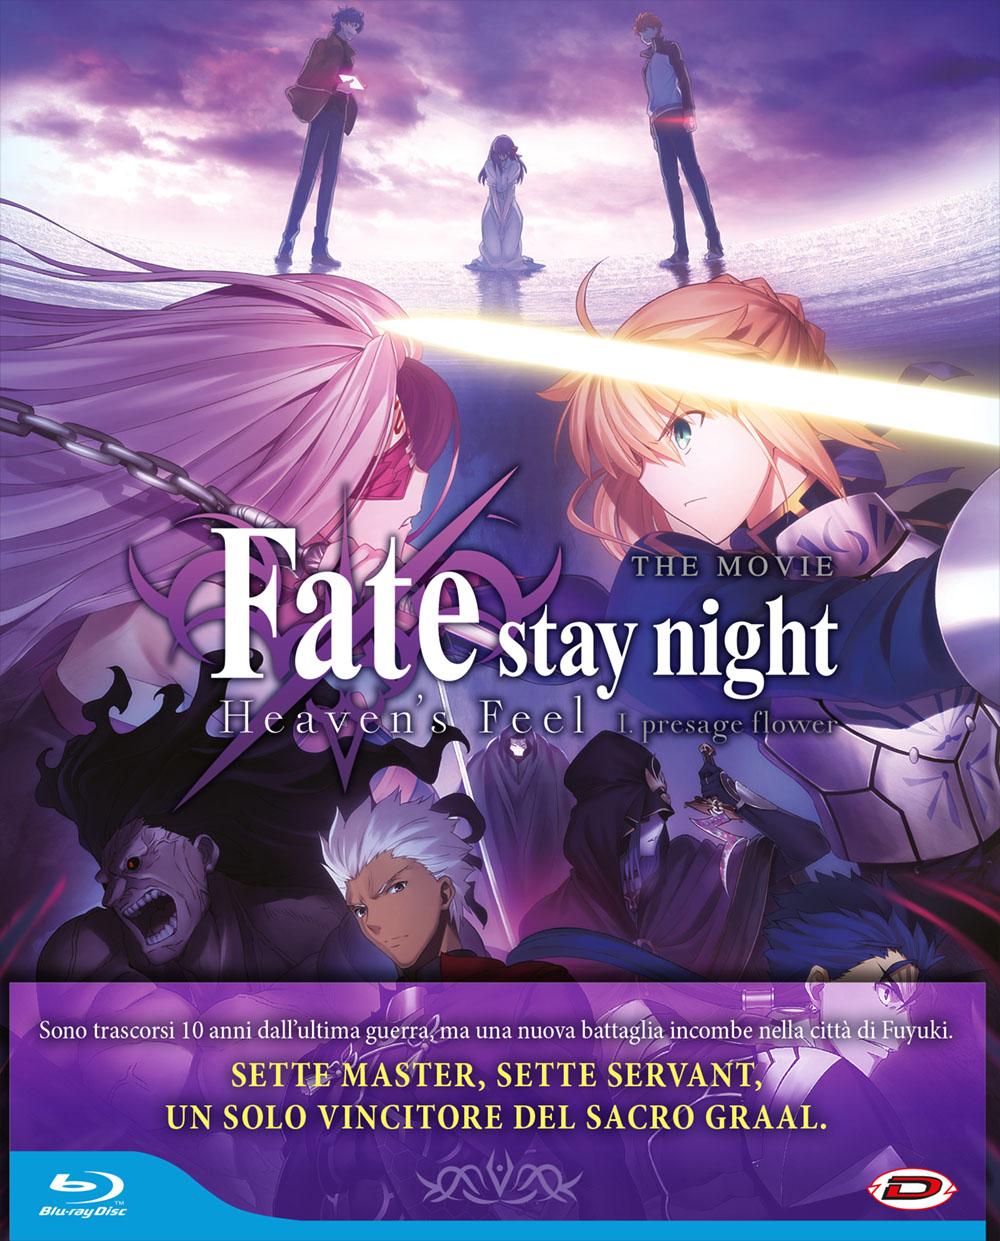 Fate/stay night: Heaven's Feel - I. presage flower - Wikipedia